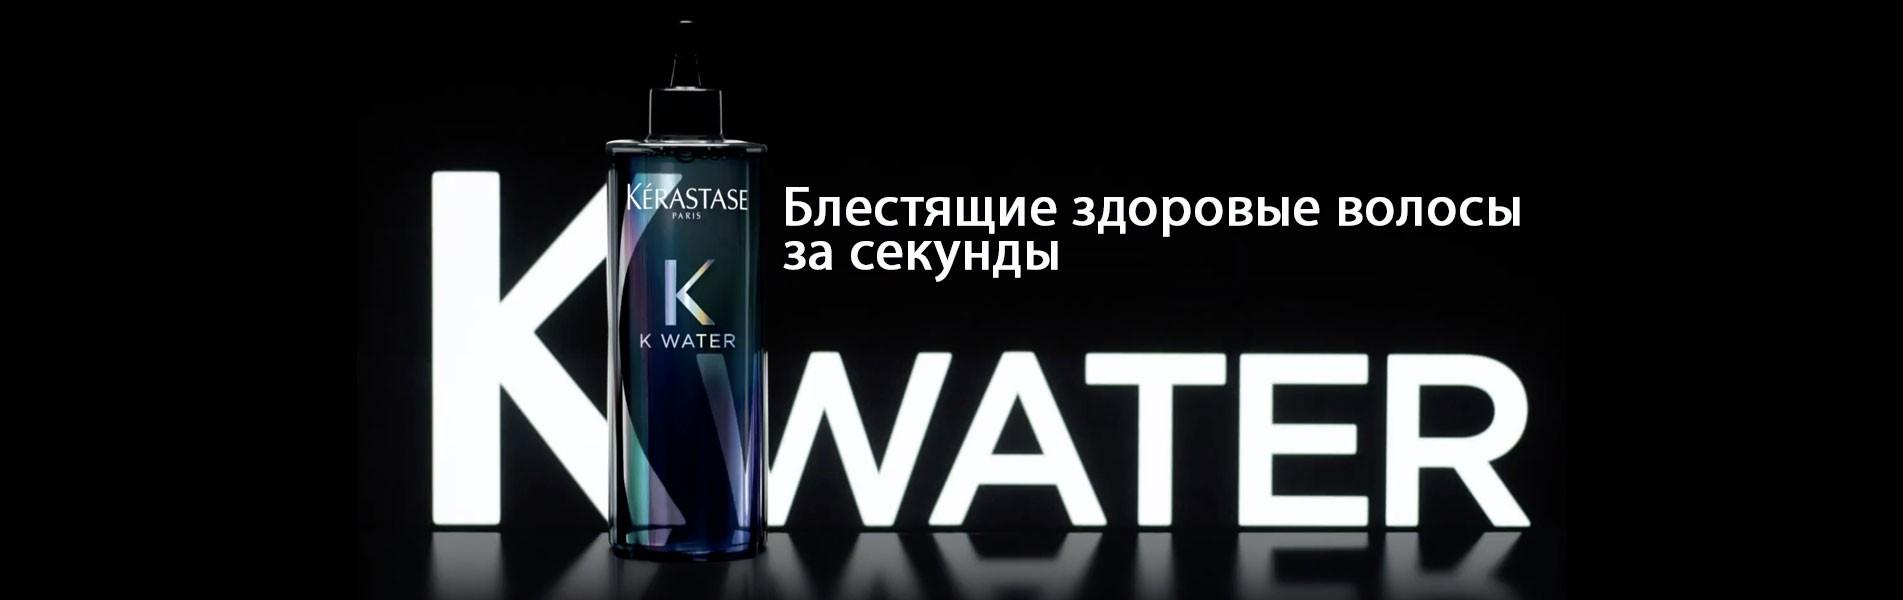 Новинка - Ламеллярный уход Kerastase K-Water